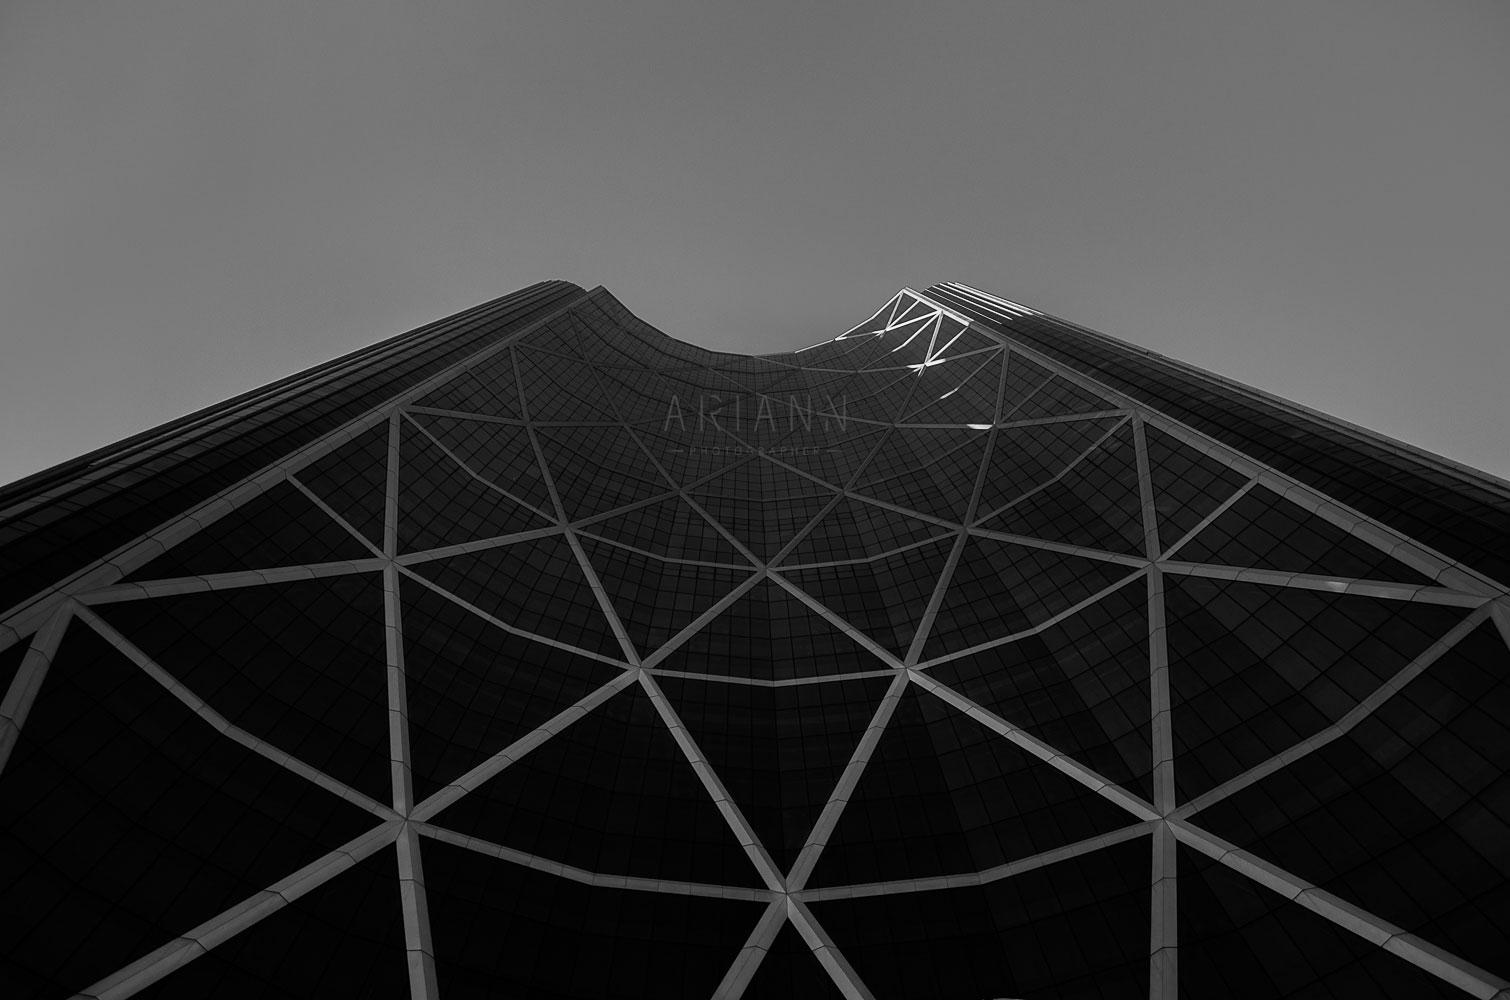 architecture en image